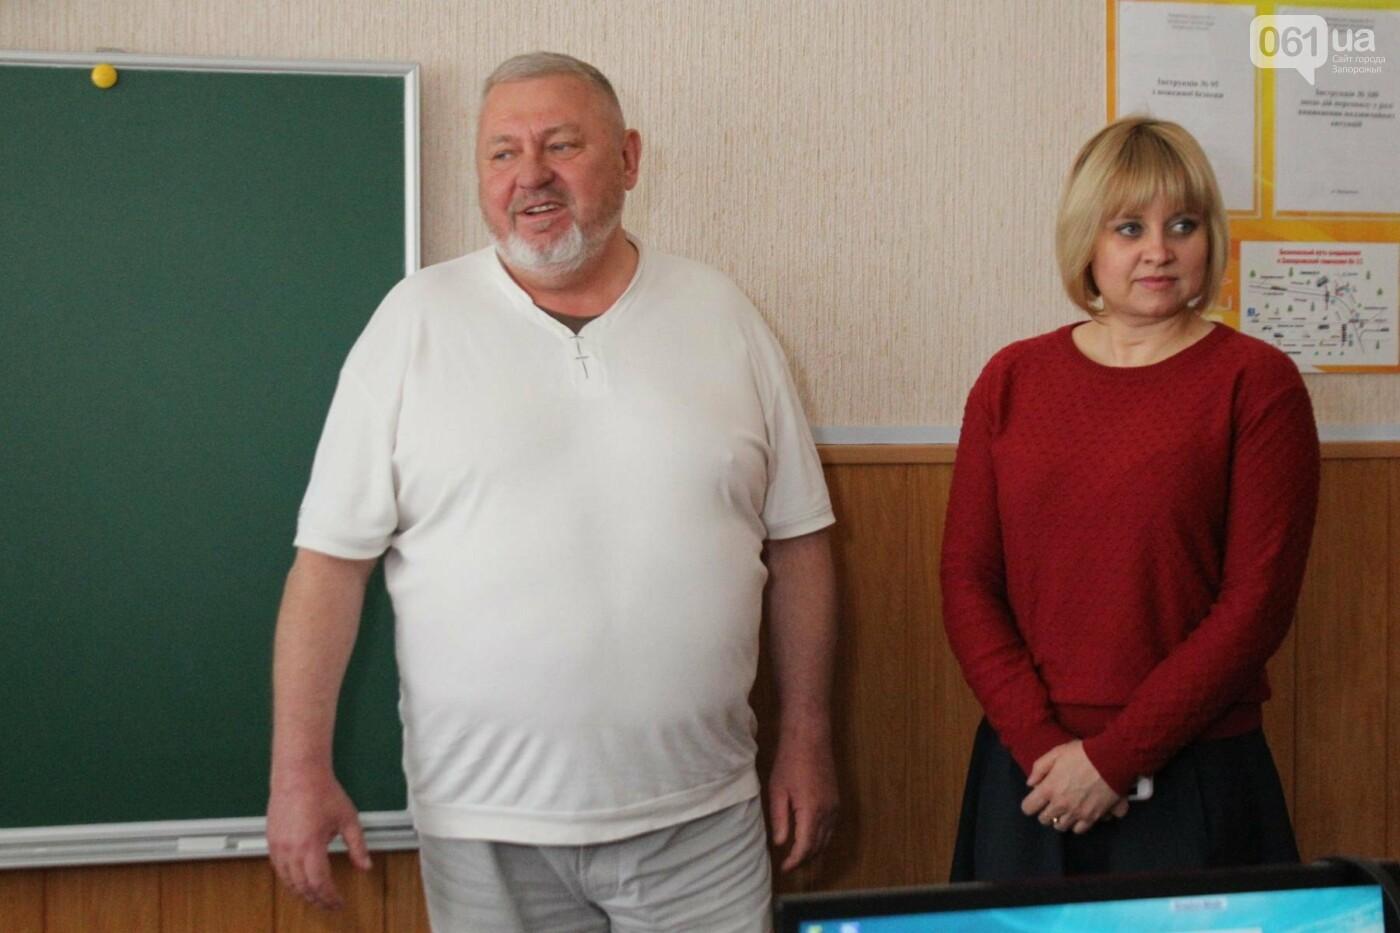 Одна из лучших школ Запорожья получила помощь от народного депутата Петра Сабашука: в гимназии №11 купили новую технику для нескольких каби..., фото-5